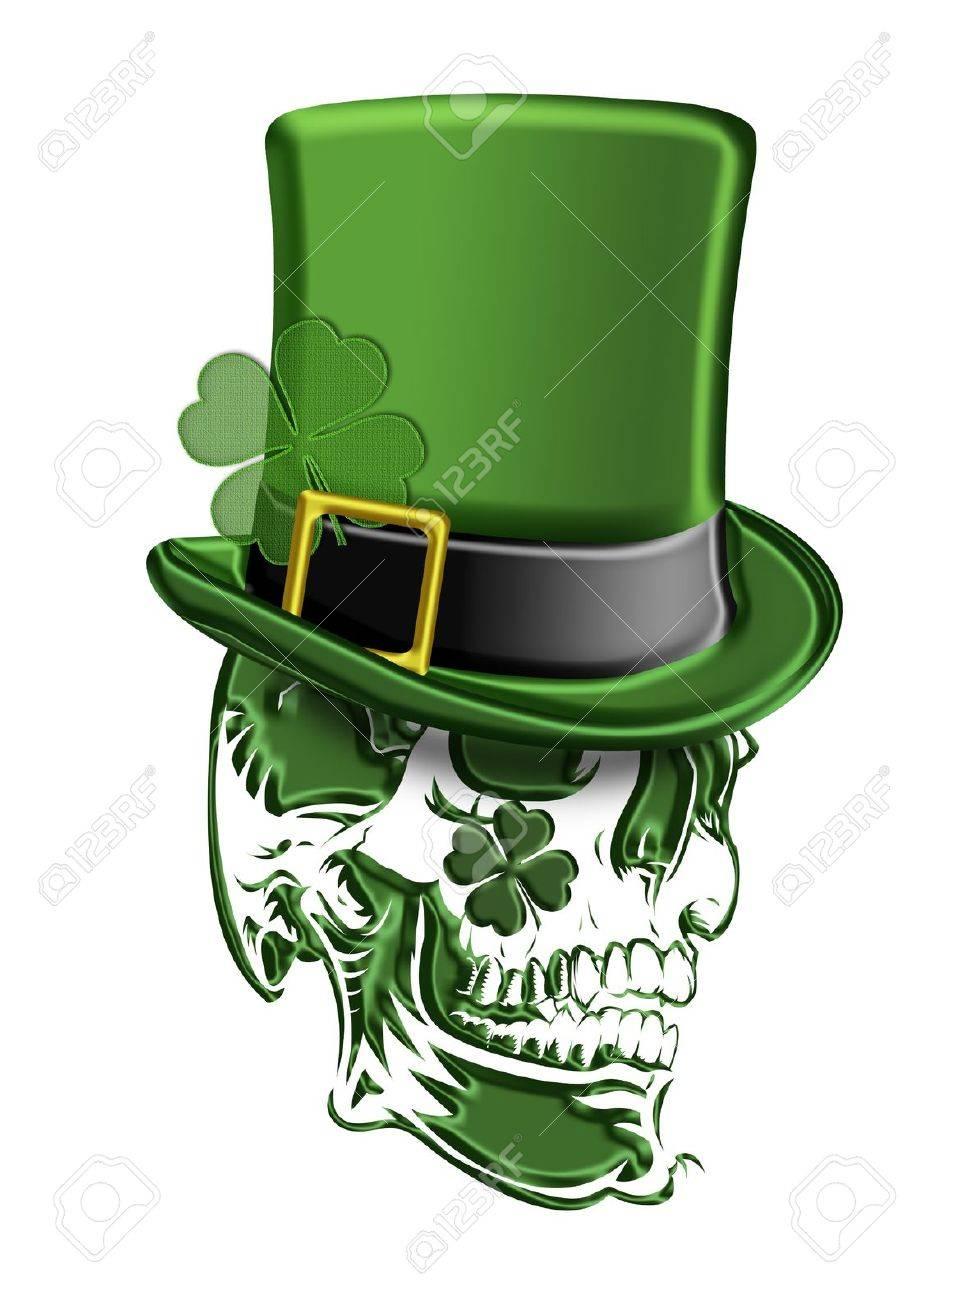 Día de San Patricio Verde cráneo con sombrero de duende con los tréboles  aislados en fondo 7be3c8a366a